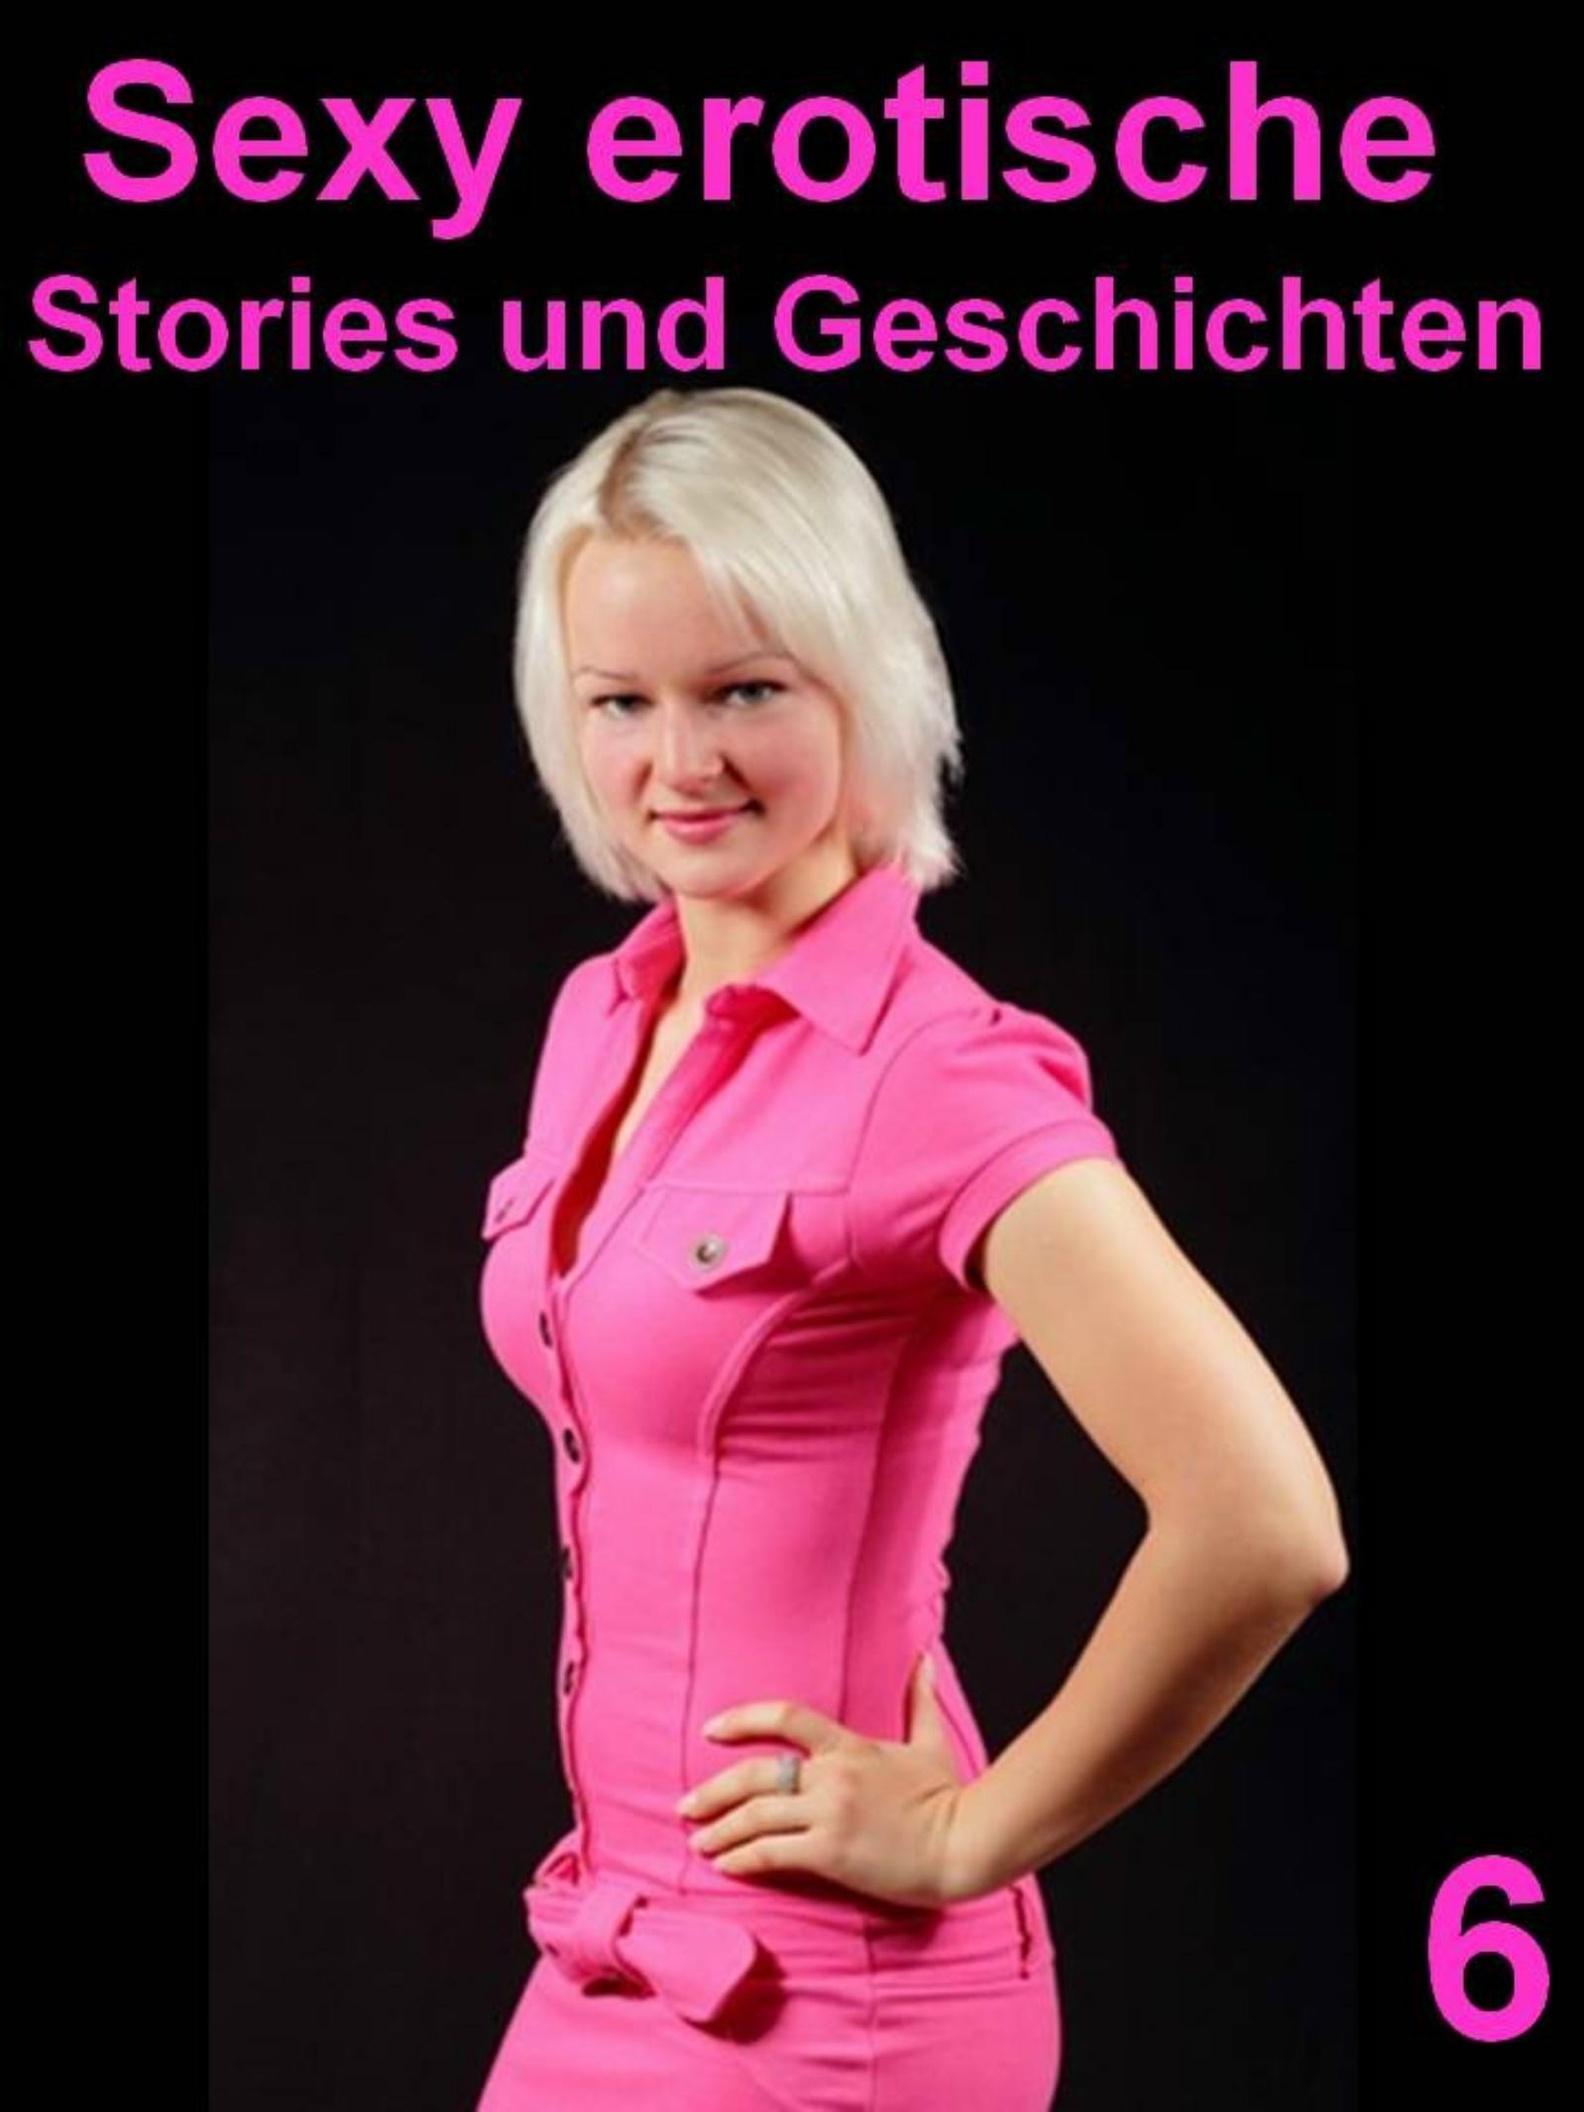 Sexy erotische Stories und Geschichten 6 ebook | Weltbild.de